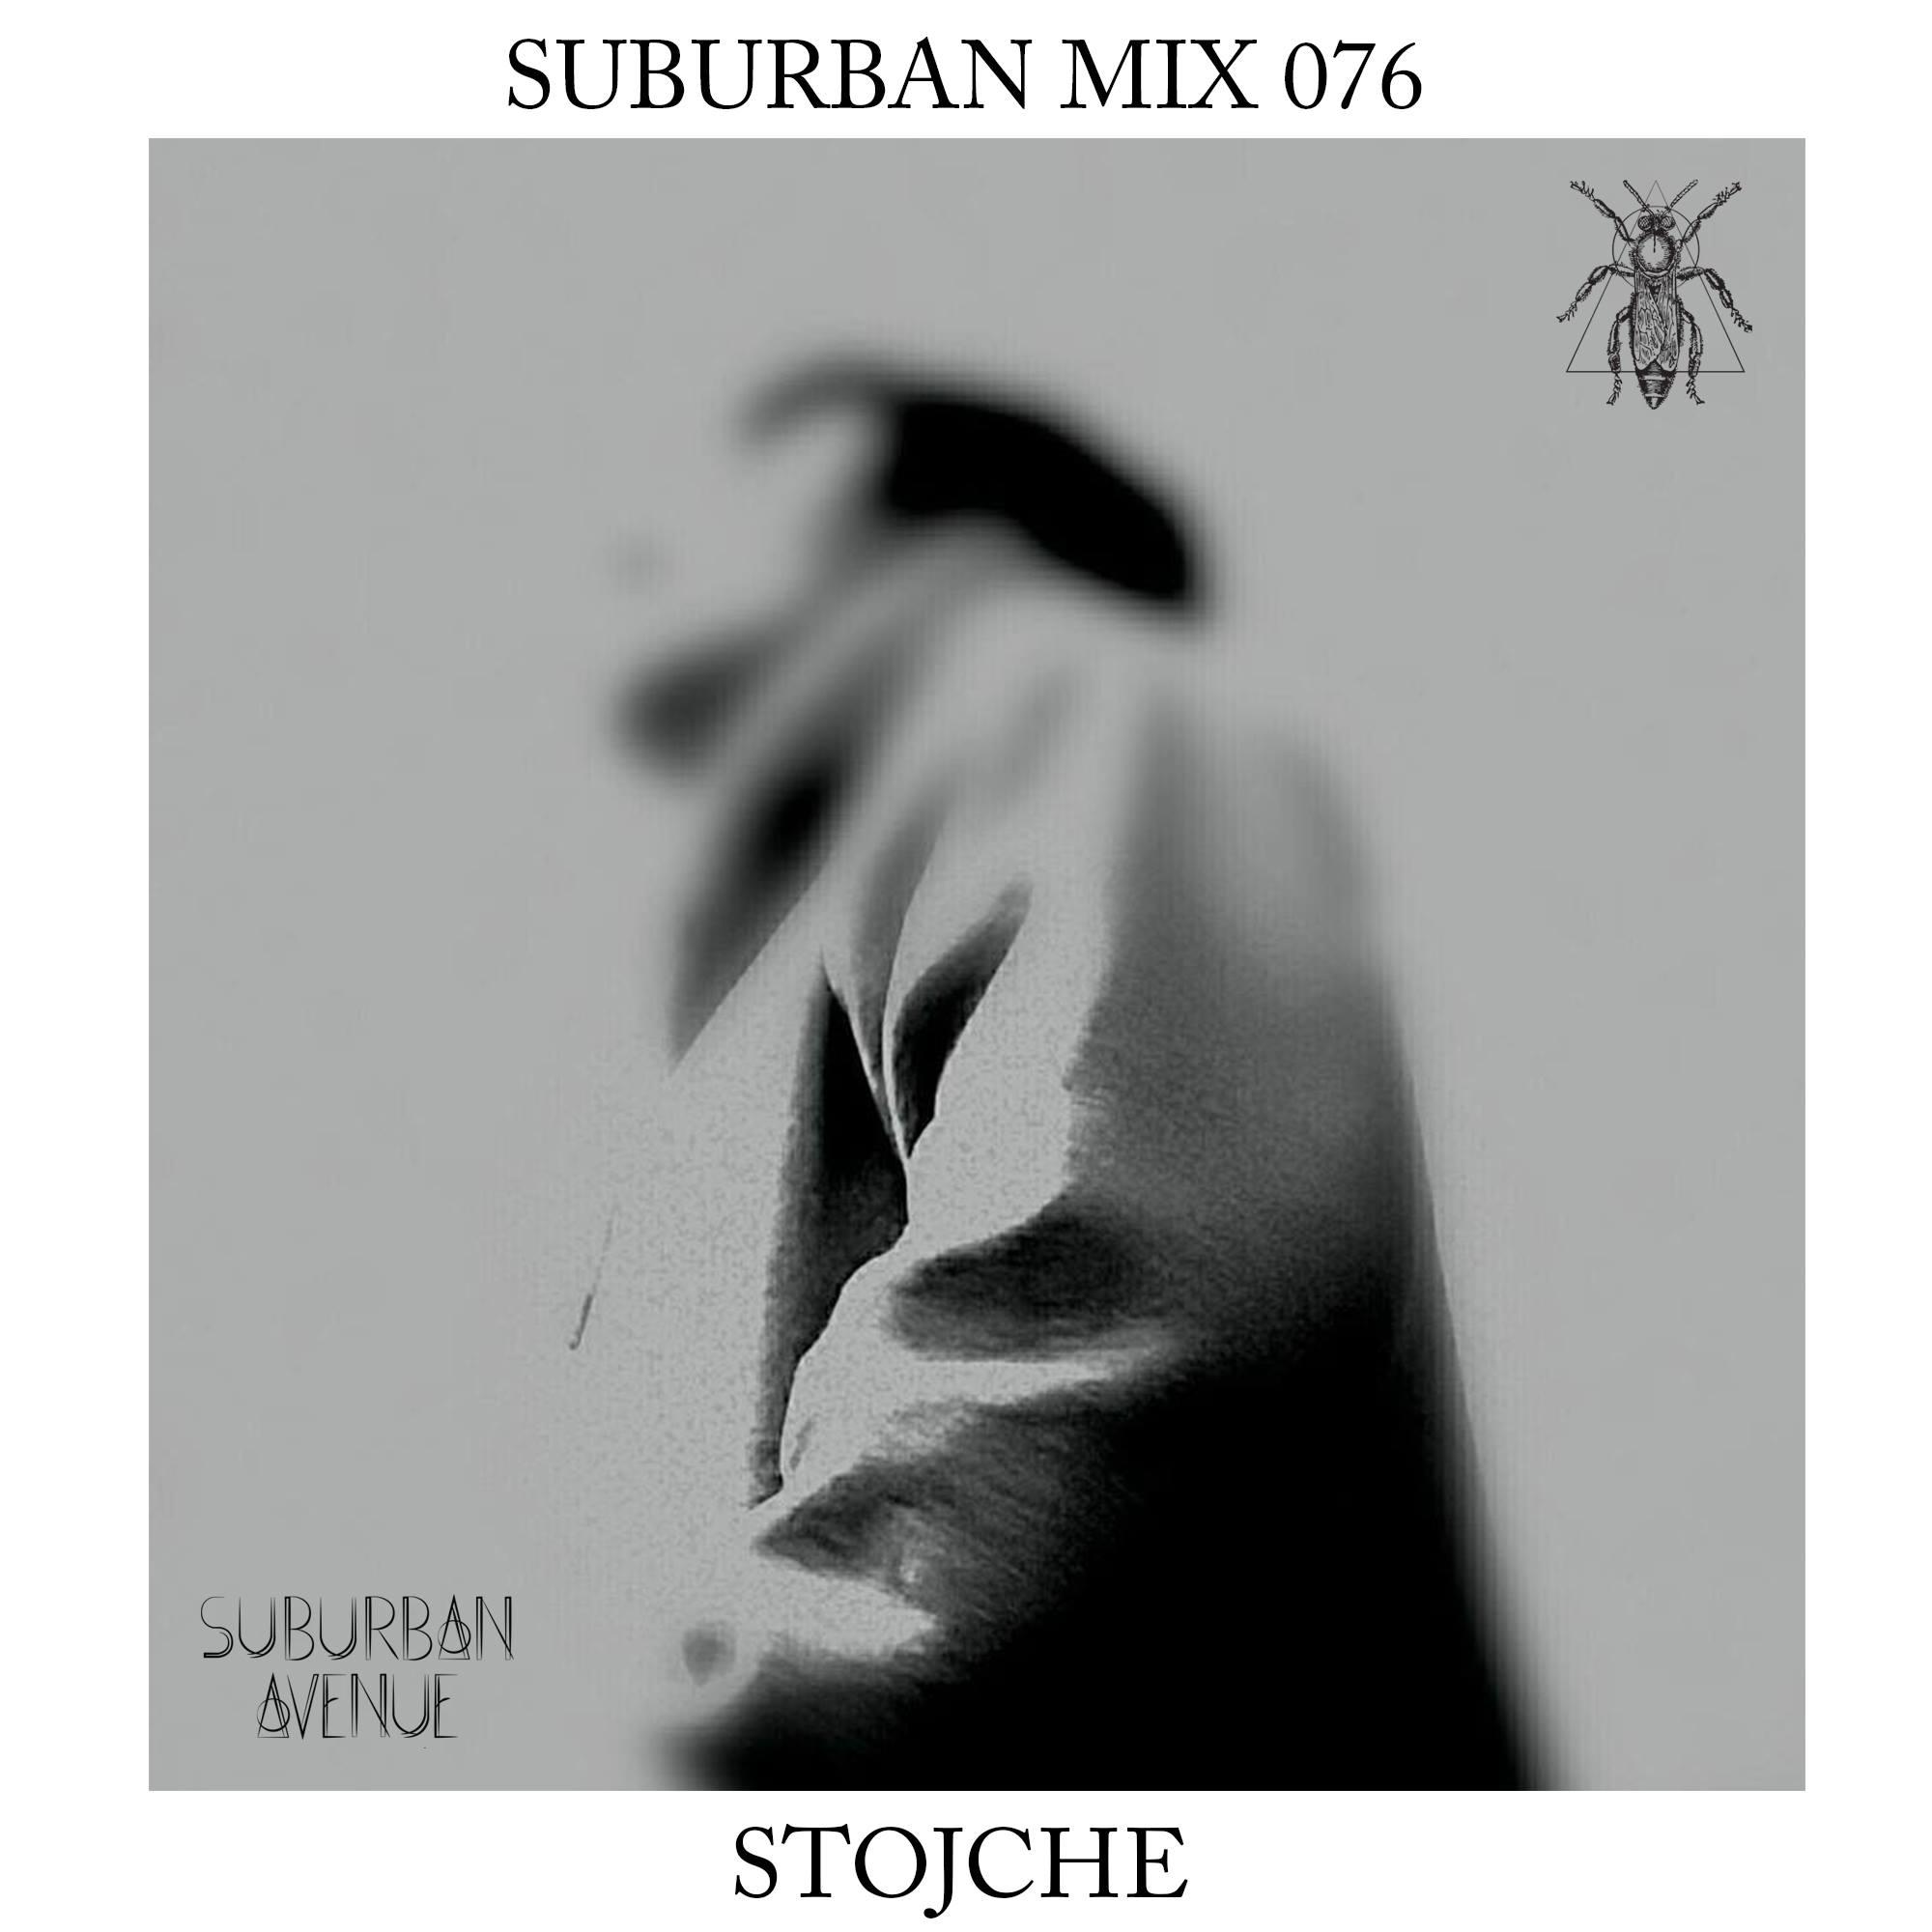 Suburban Mix 076 - Stojche